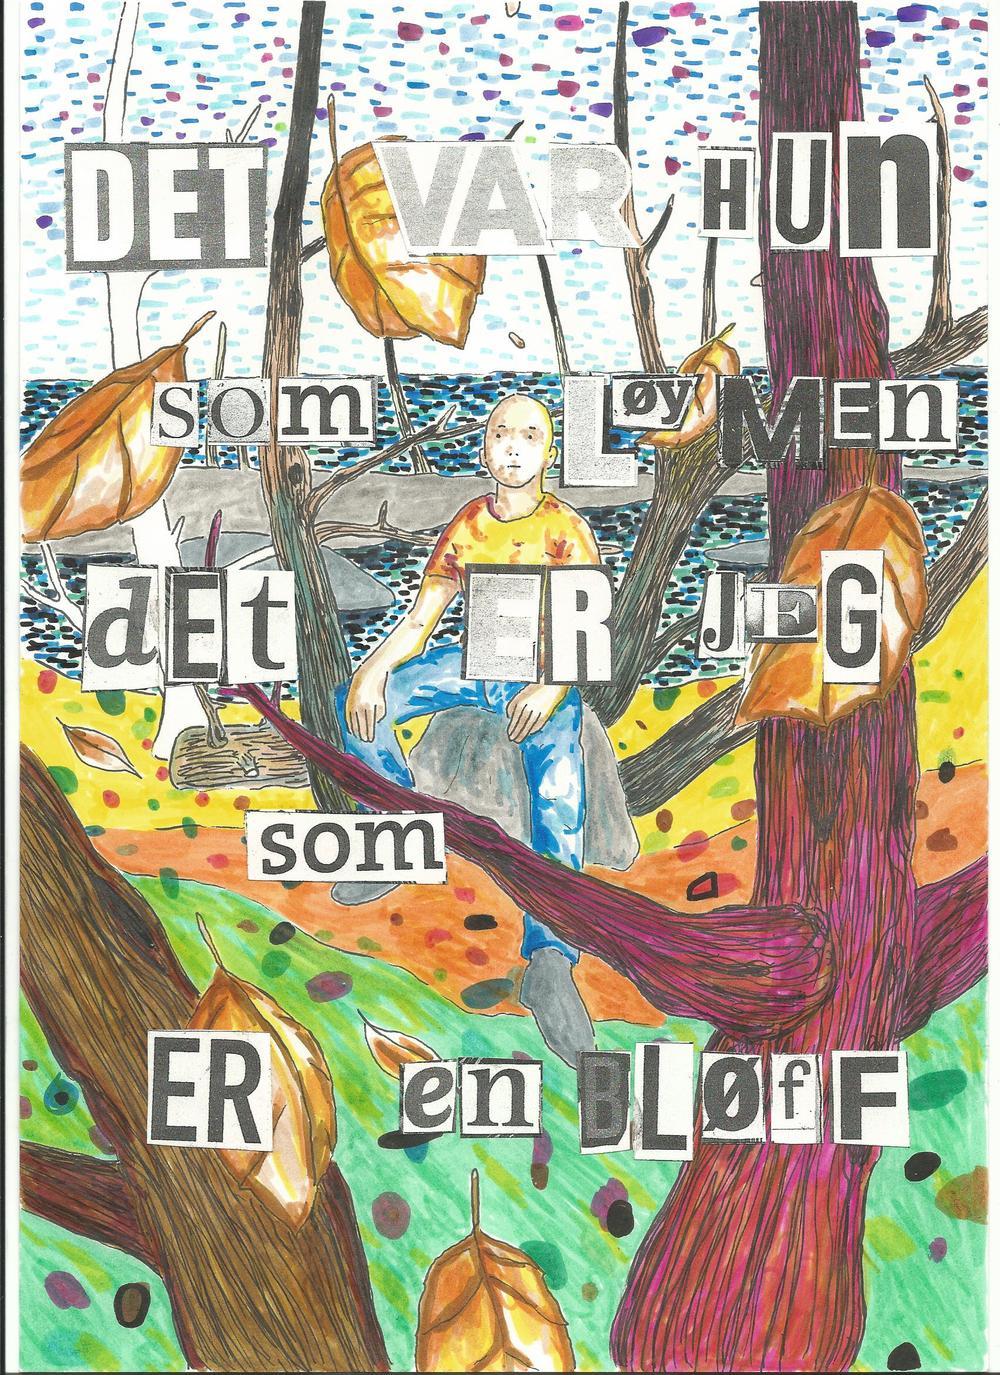 Jon Harald Glomsås bløff1.jpg